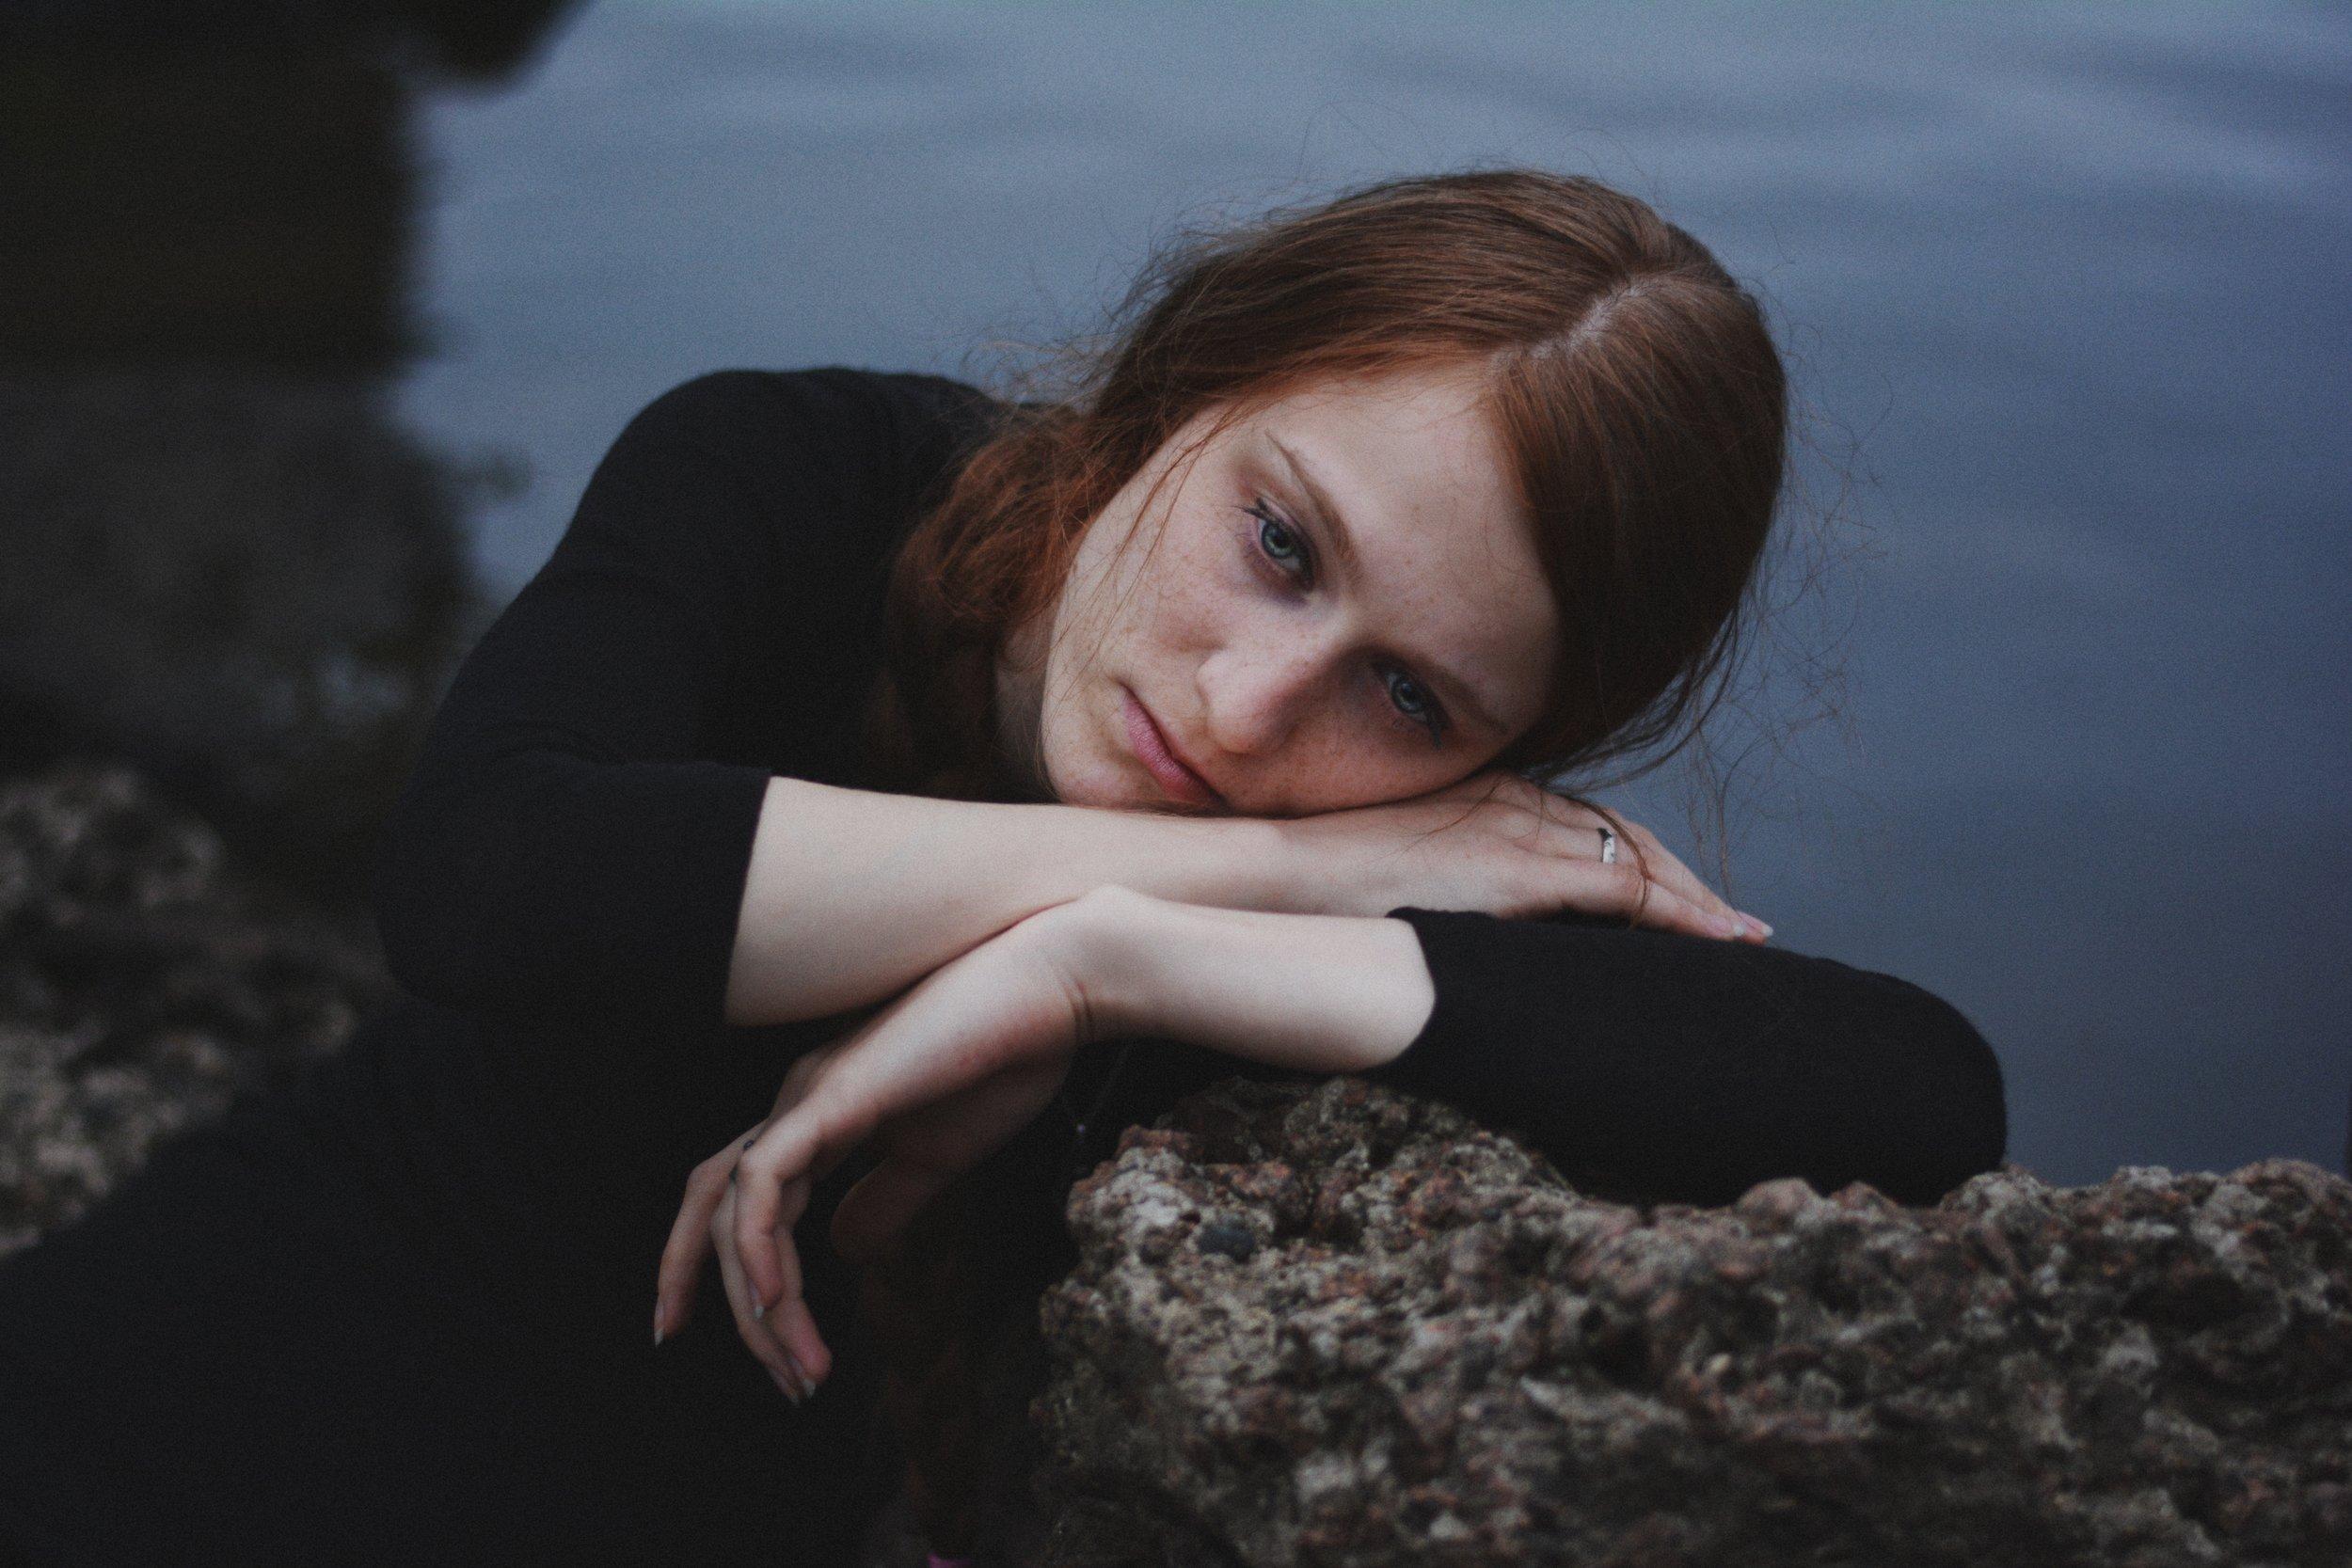 Du bist müde, mürrisch und unfroh? Genervt und gestresst? Hast das Gefühl, dass manche Menschen und Situationen nur dafür da sind, um an Dir zu ziehen und zu zerren und zwar in gegensätzliche Richtungen? Du willst einfach nur mal einen entspannten Tag erleben, ohne dass Dir jemand auf die Nerven geht, aber stattdessen würdest Du am liebsten schreien? -